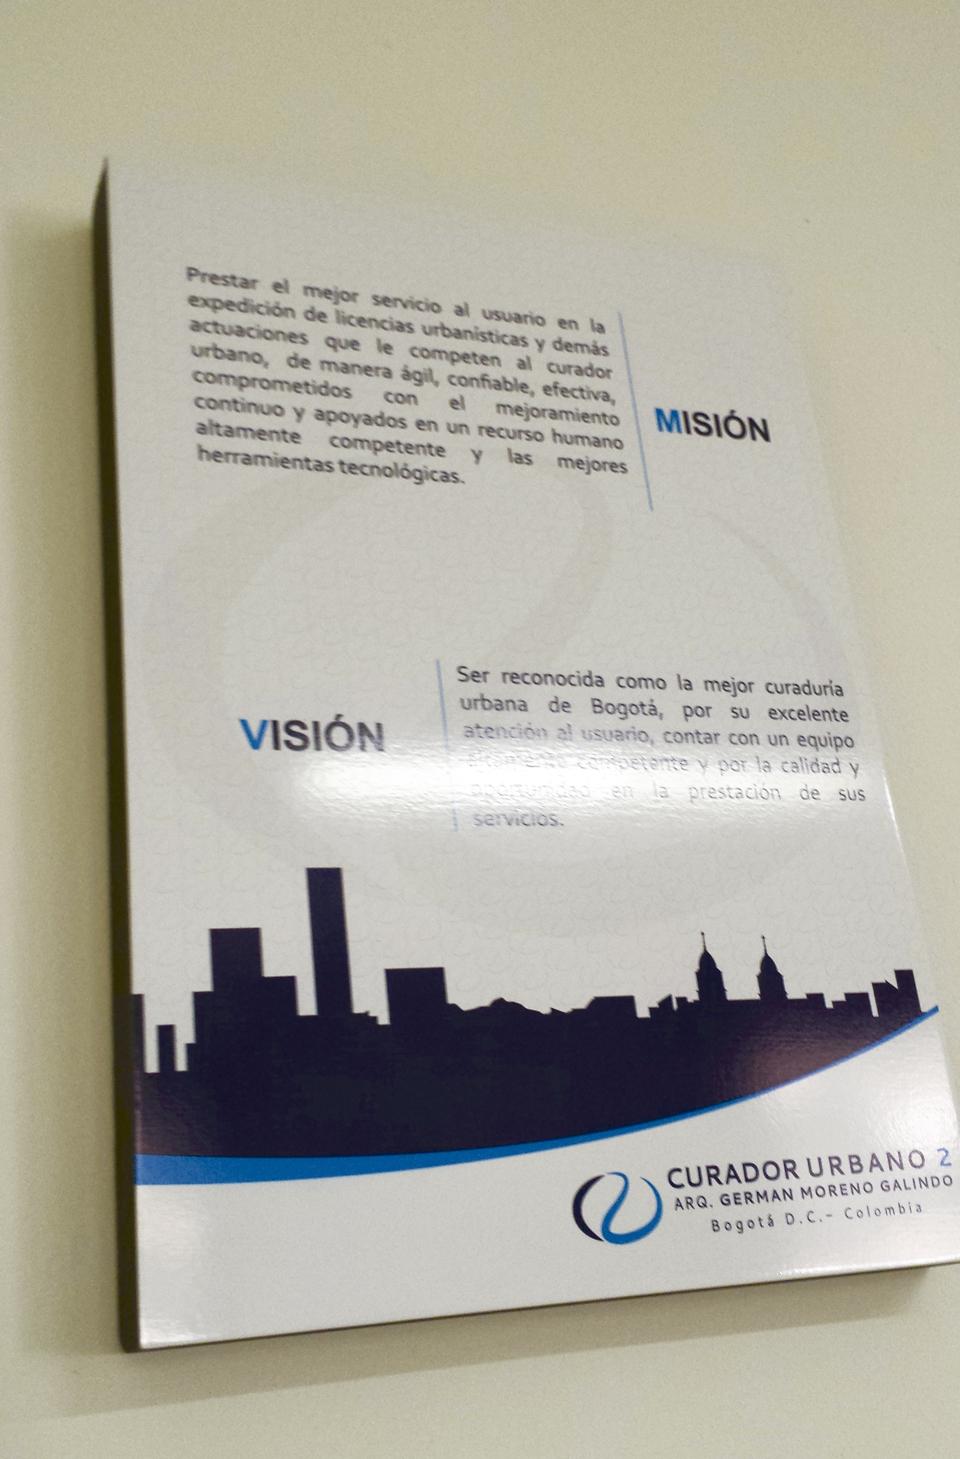 Retablo Misión y Visión